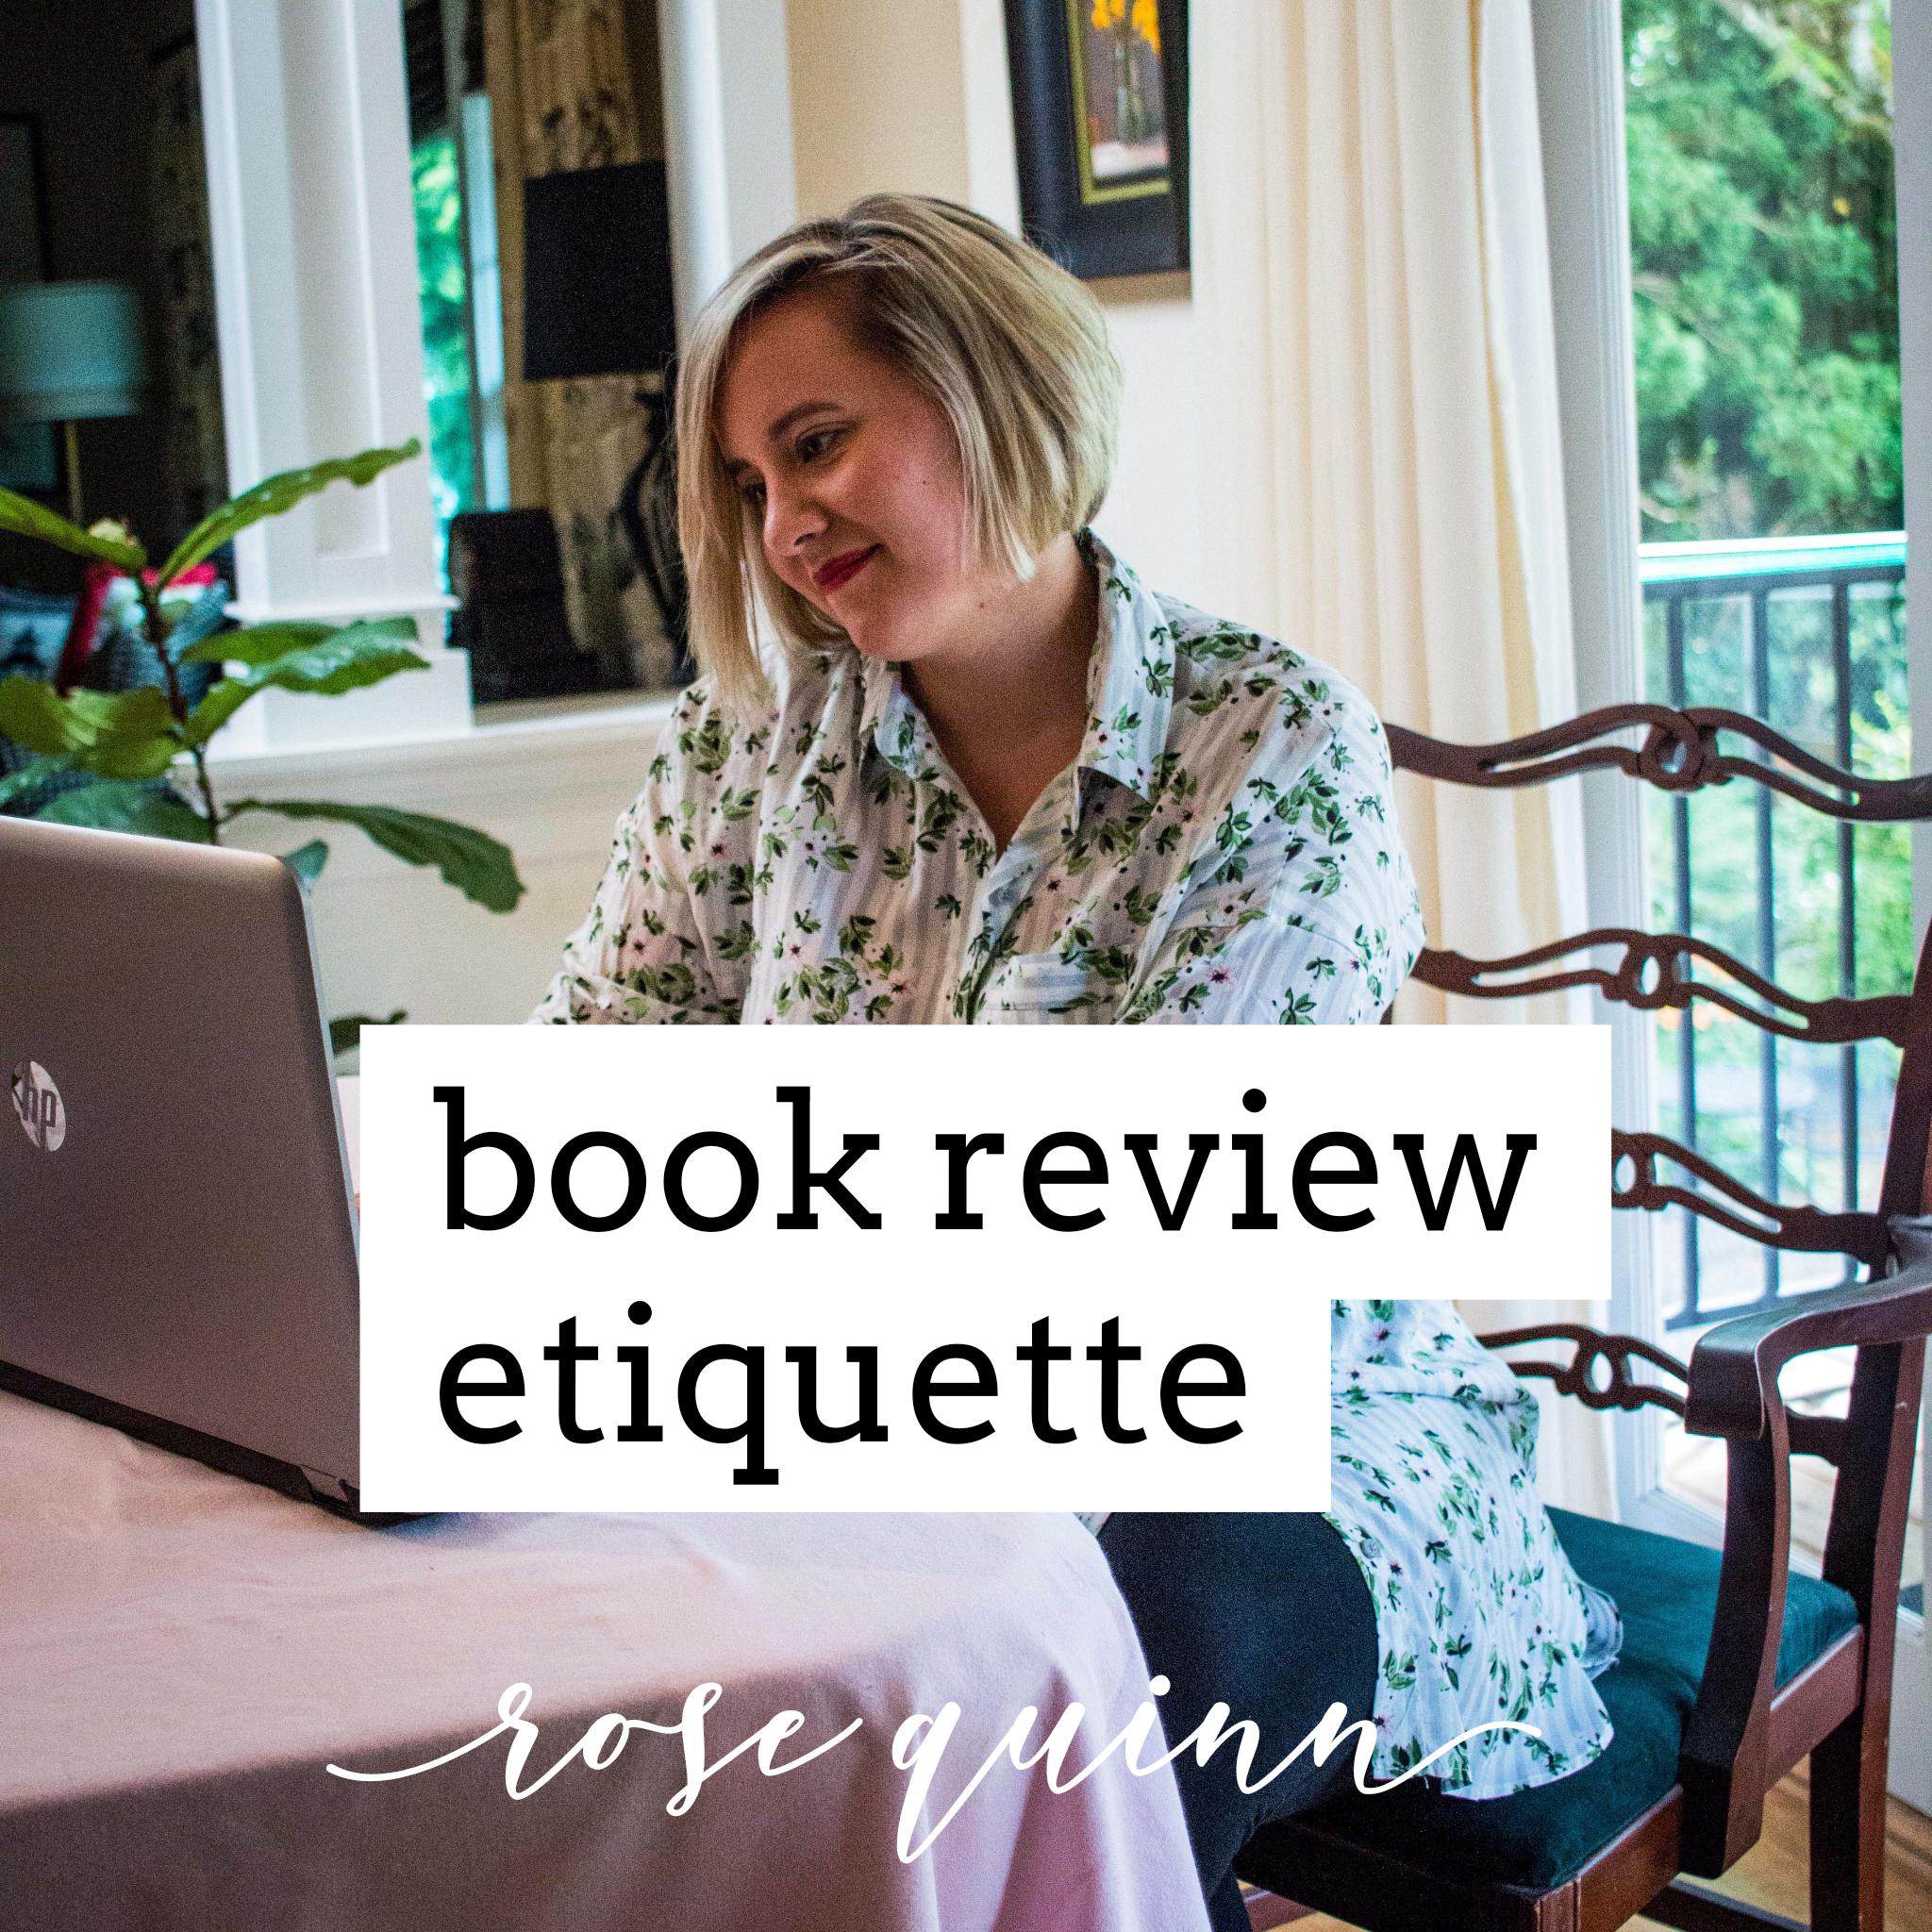 book-review-etiquette